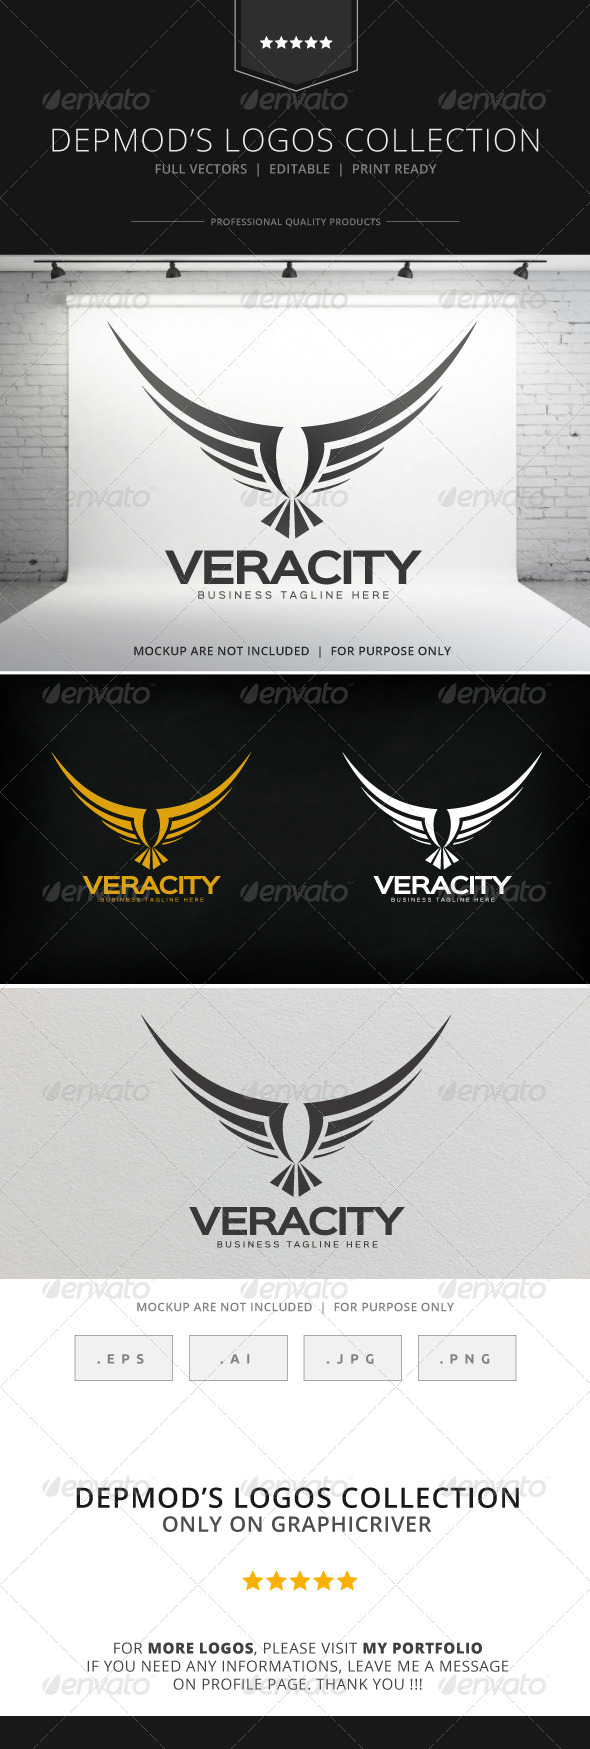 GraphicRiver Veracity Logo 8522133